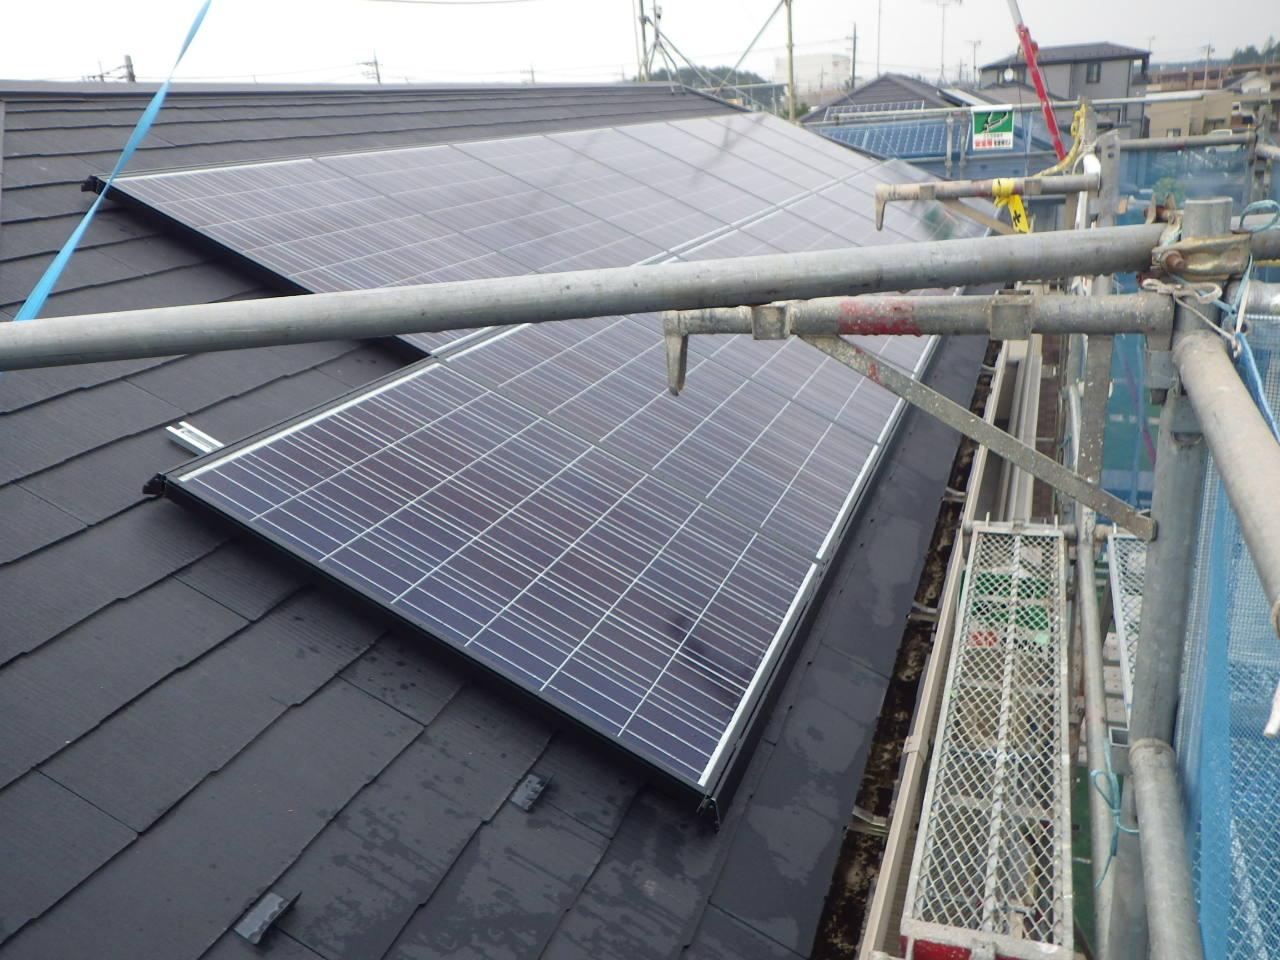 化粧スレート屋根への太陽光発電システム設置工事を行いました。in那須塩原市